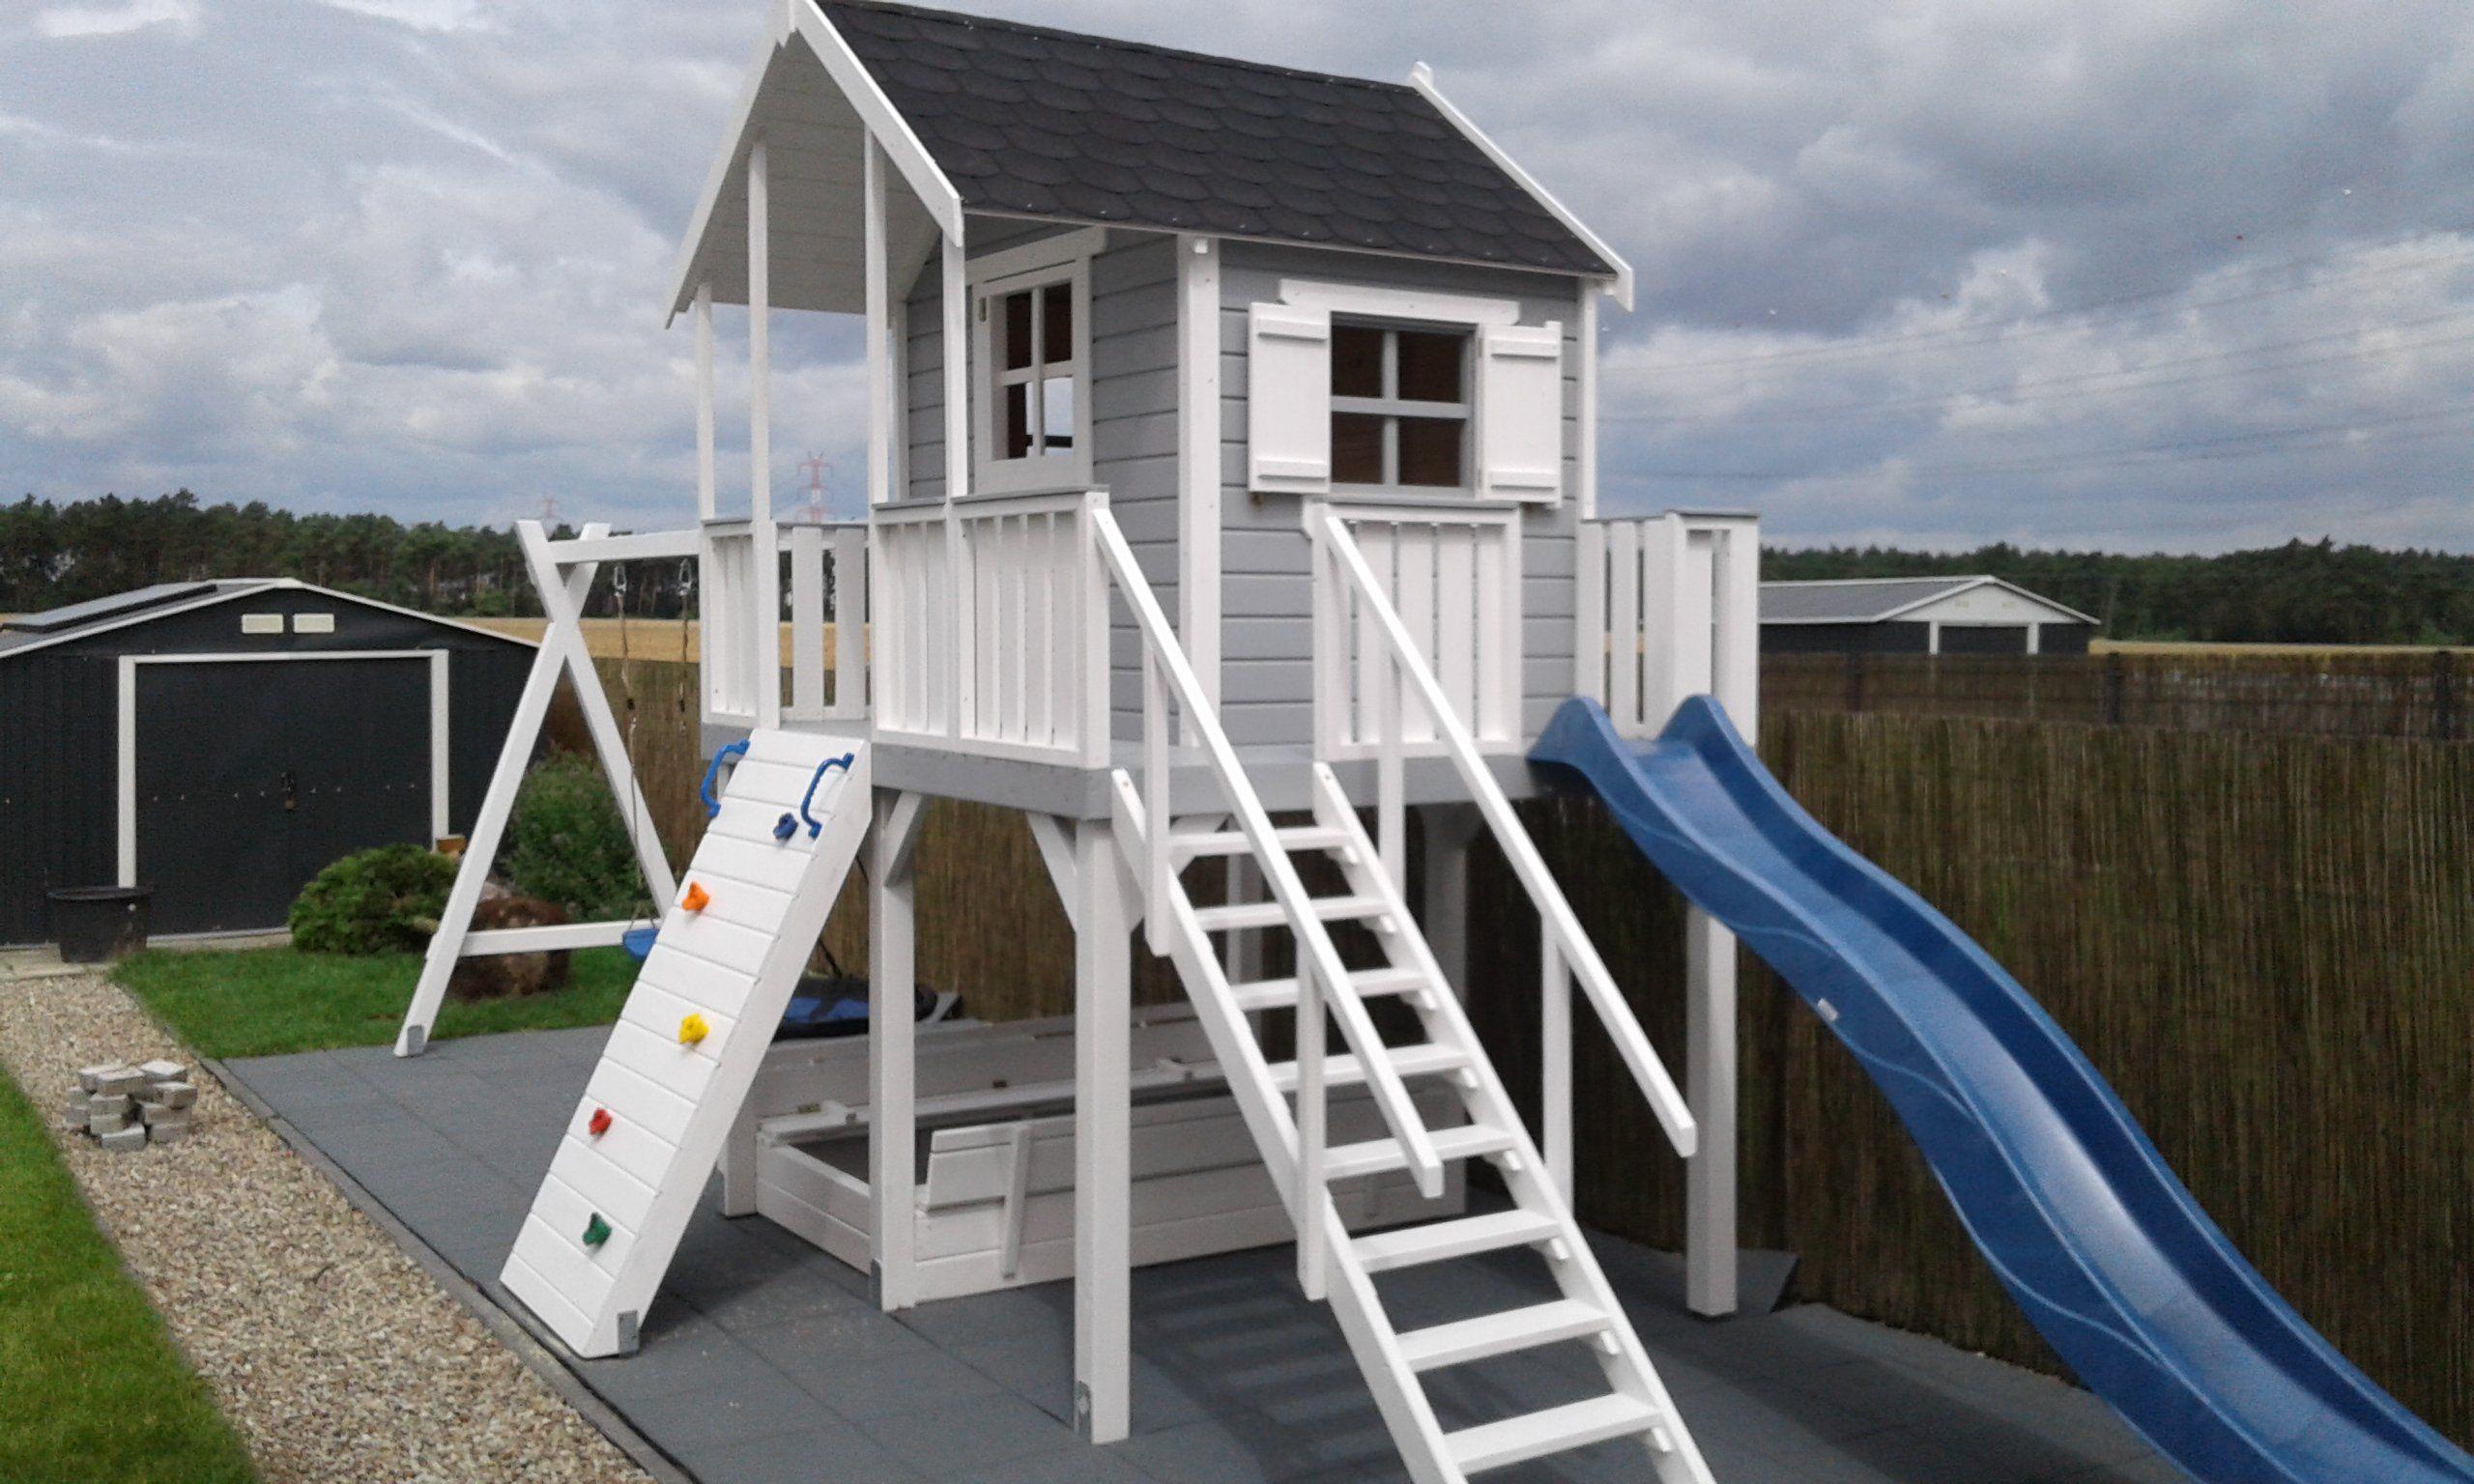 Kup Teraz Na Allegro Pl Za 5200 00 Zl Plac Zabaw Domek Dla Dziecka Hustawka 7832478108 Allegro Pl Outdoor Fun For Kids Backyard For Kids Play Houses